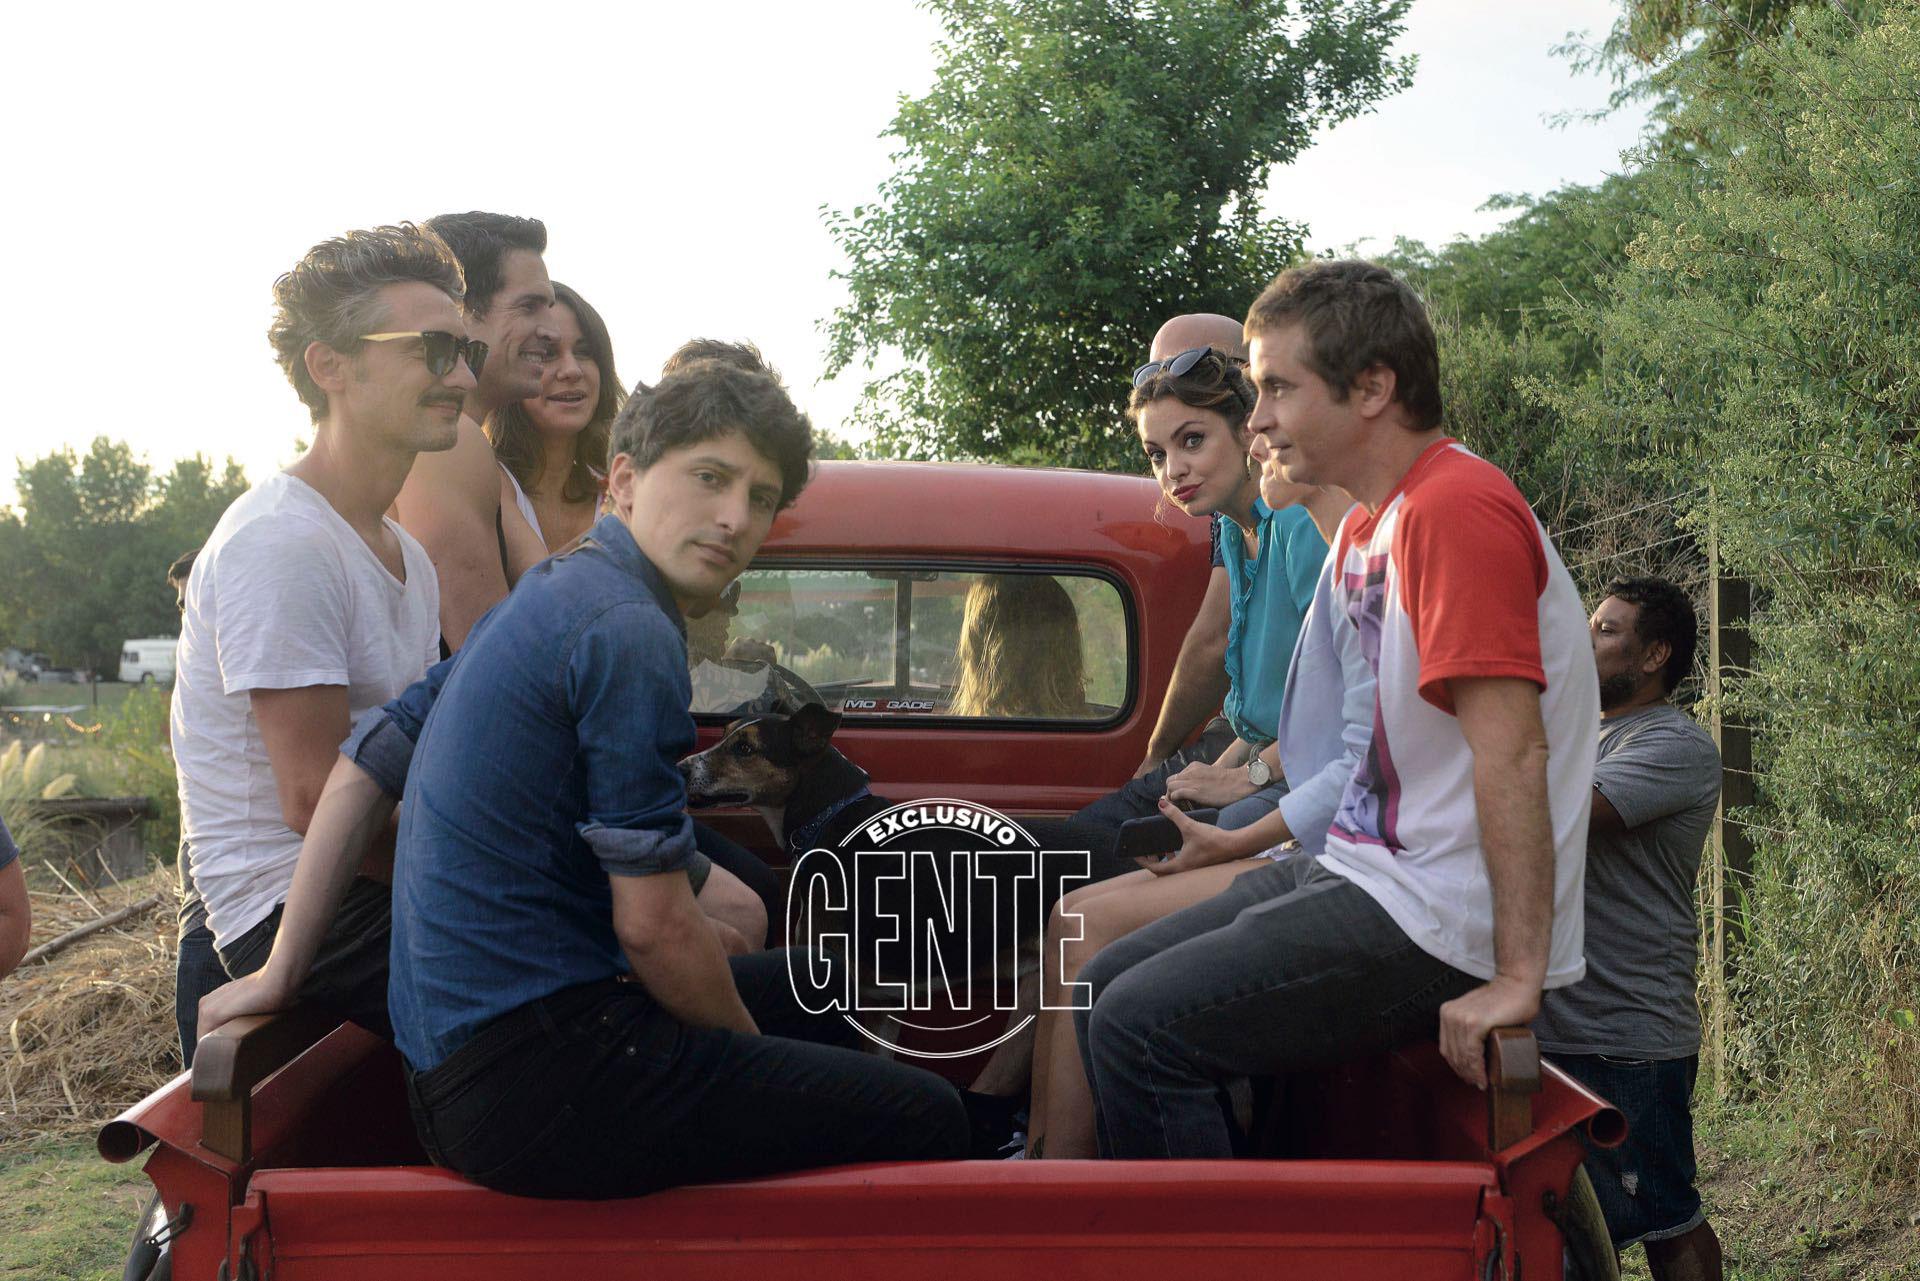 Los chicos, además, volvieron a viajar en la famosa pick up Chevrolet 3100 roja que usaron para la tira, y los recuerdos afloraron.